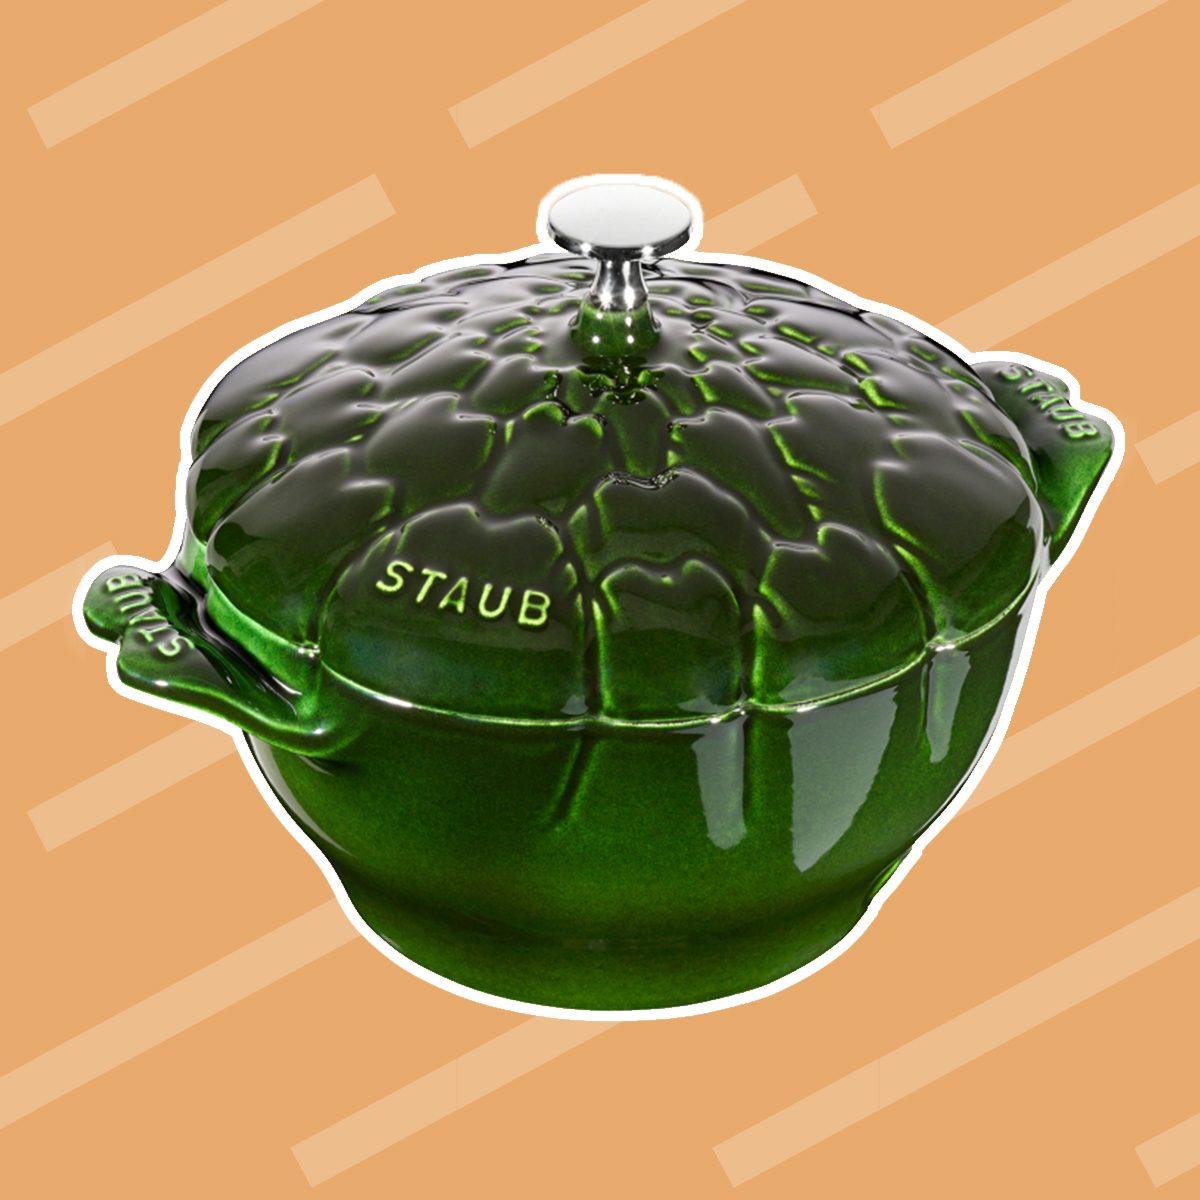 Staub Artichoke Cocotte